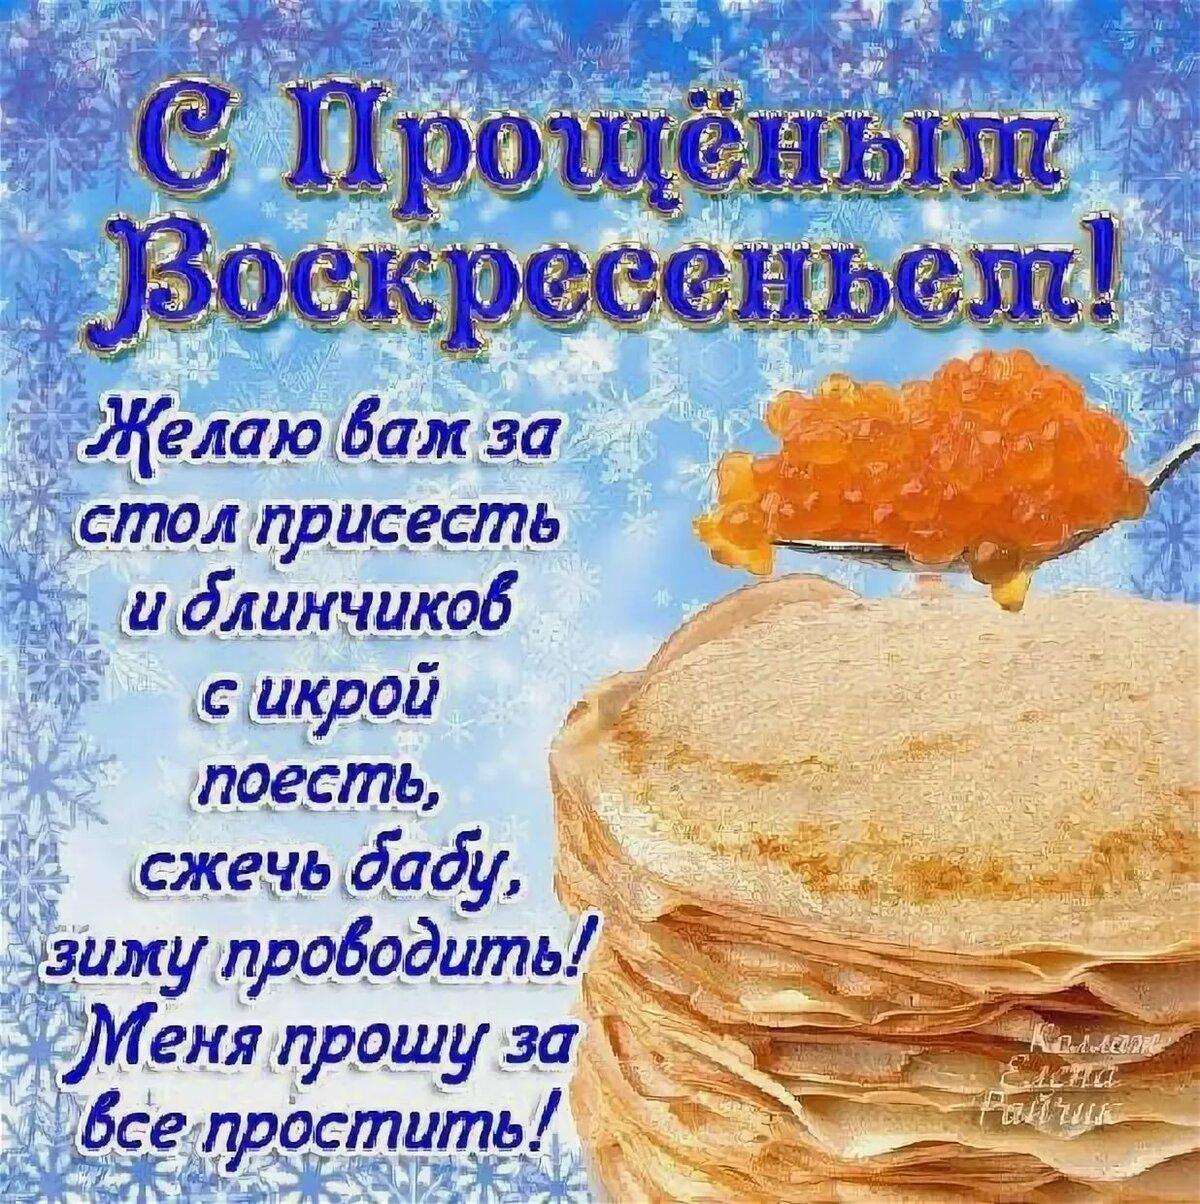 Поздравления открытка с прощенным воскресеньем, для юбиляра мэйл